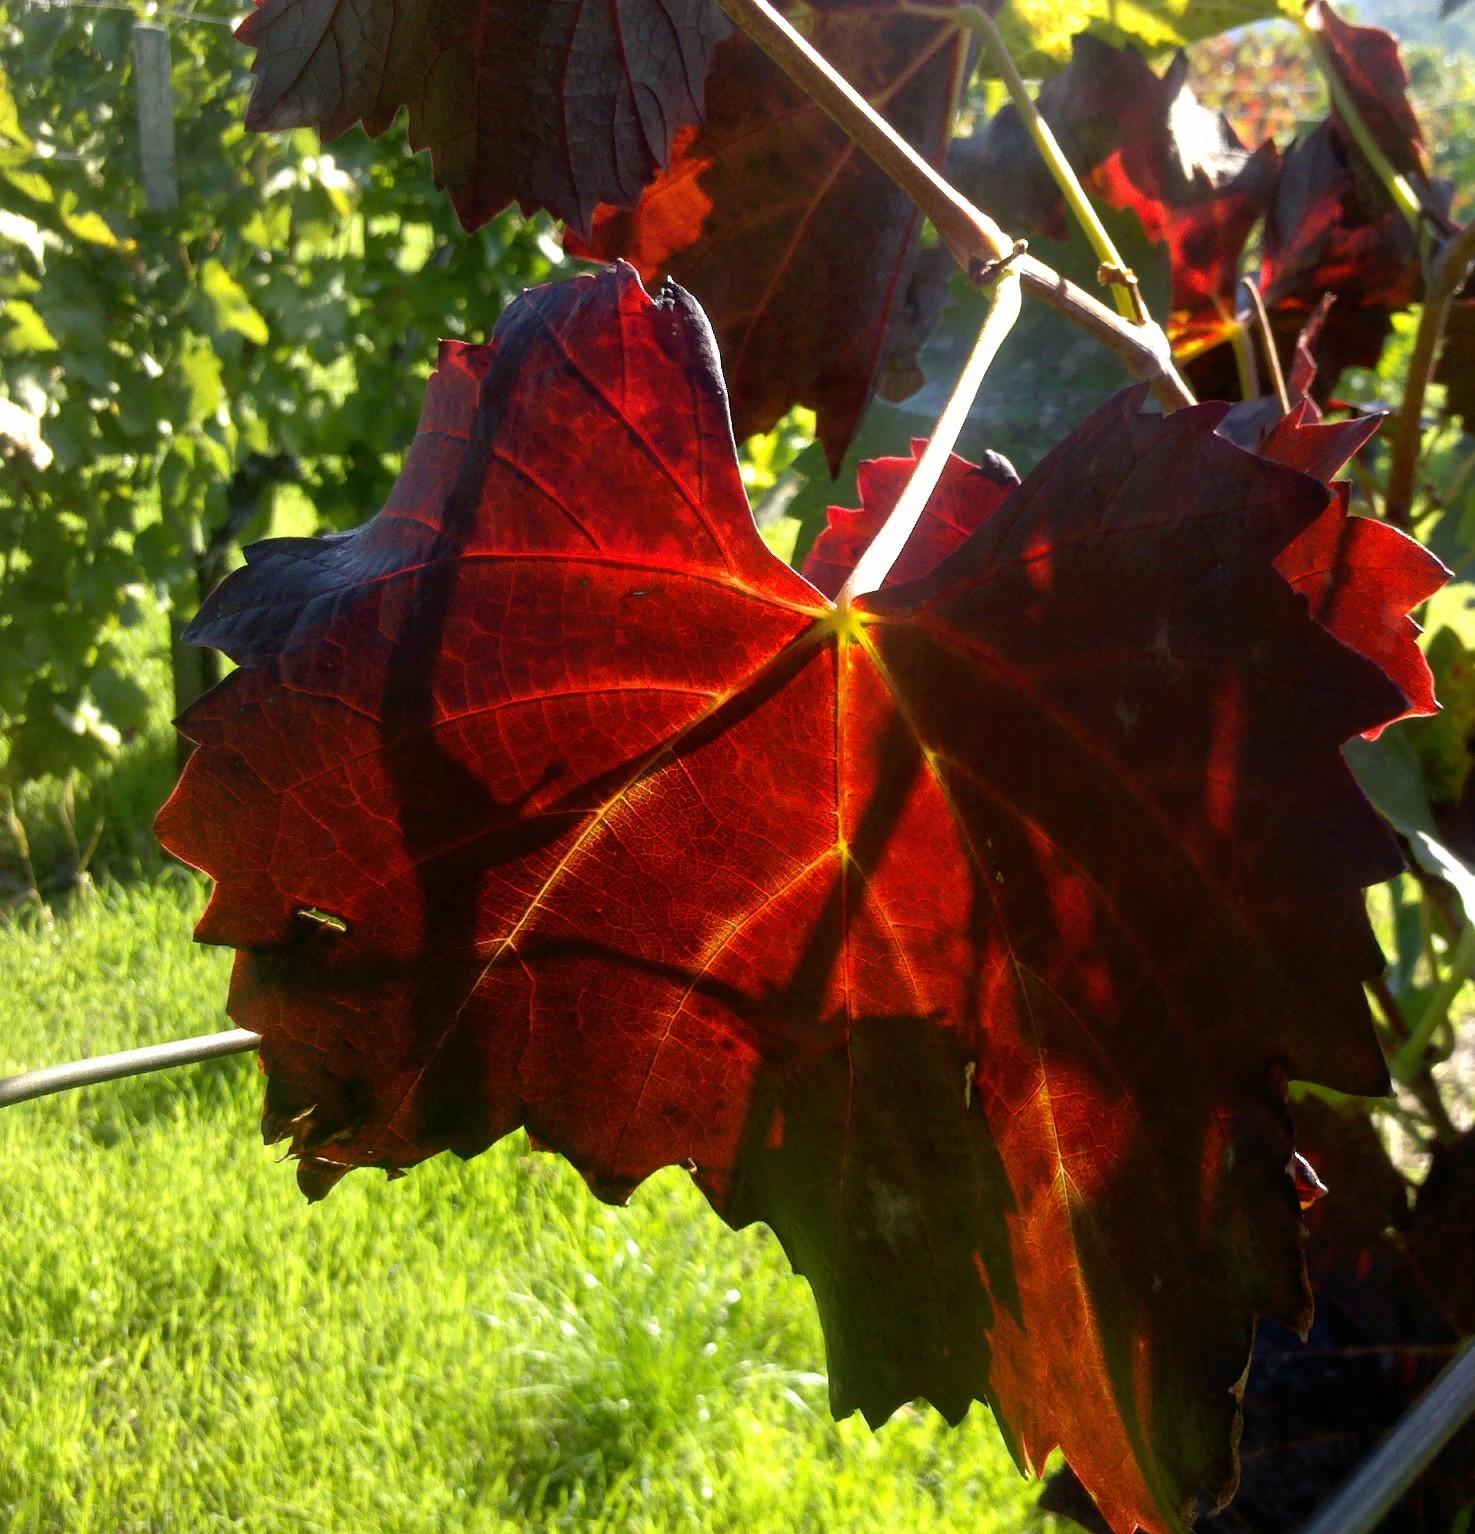 2012-10-20_11-10-19_146.jpg